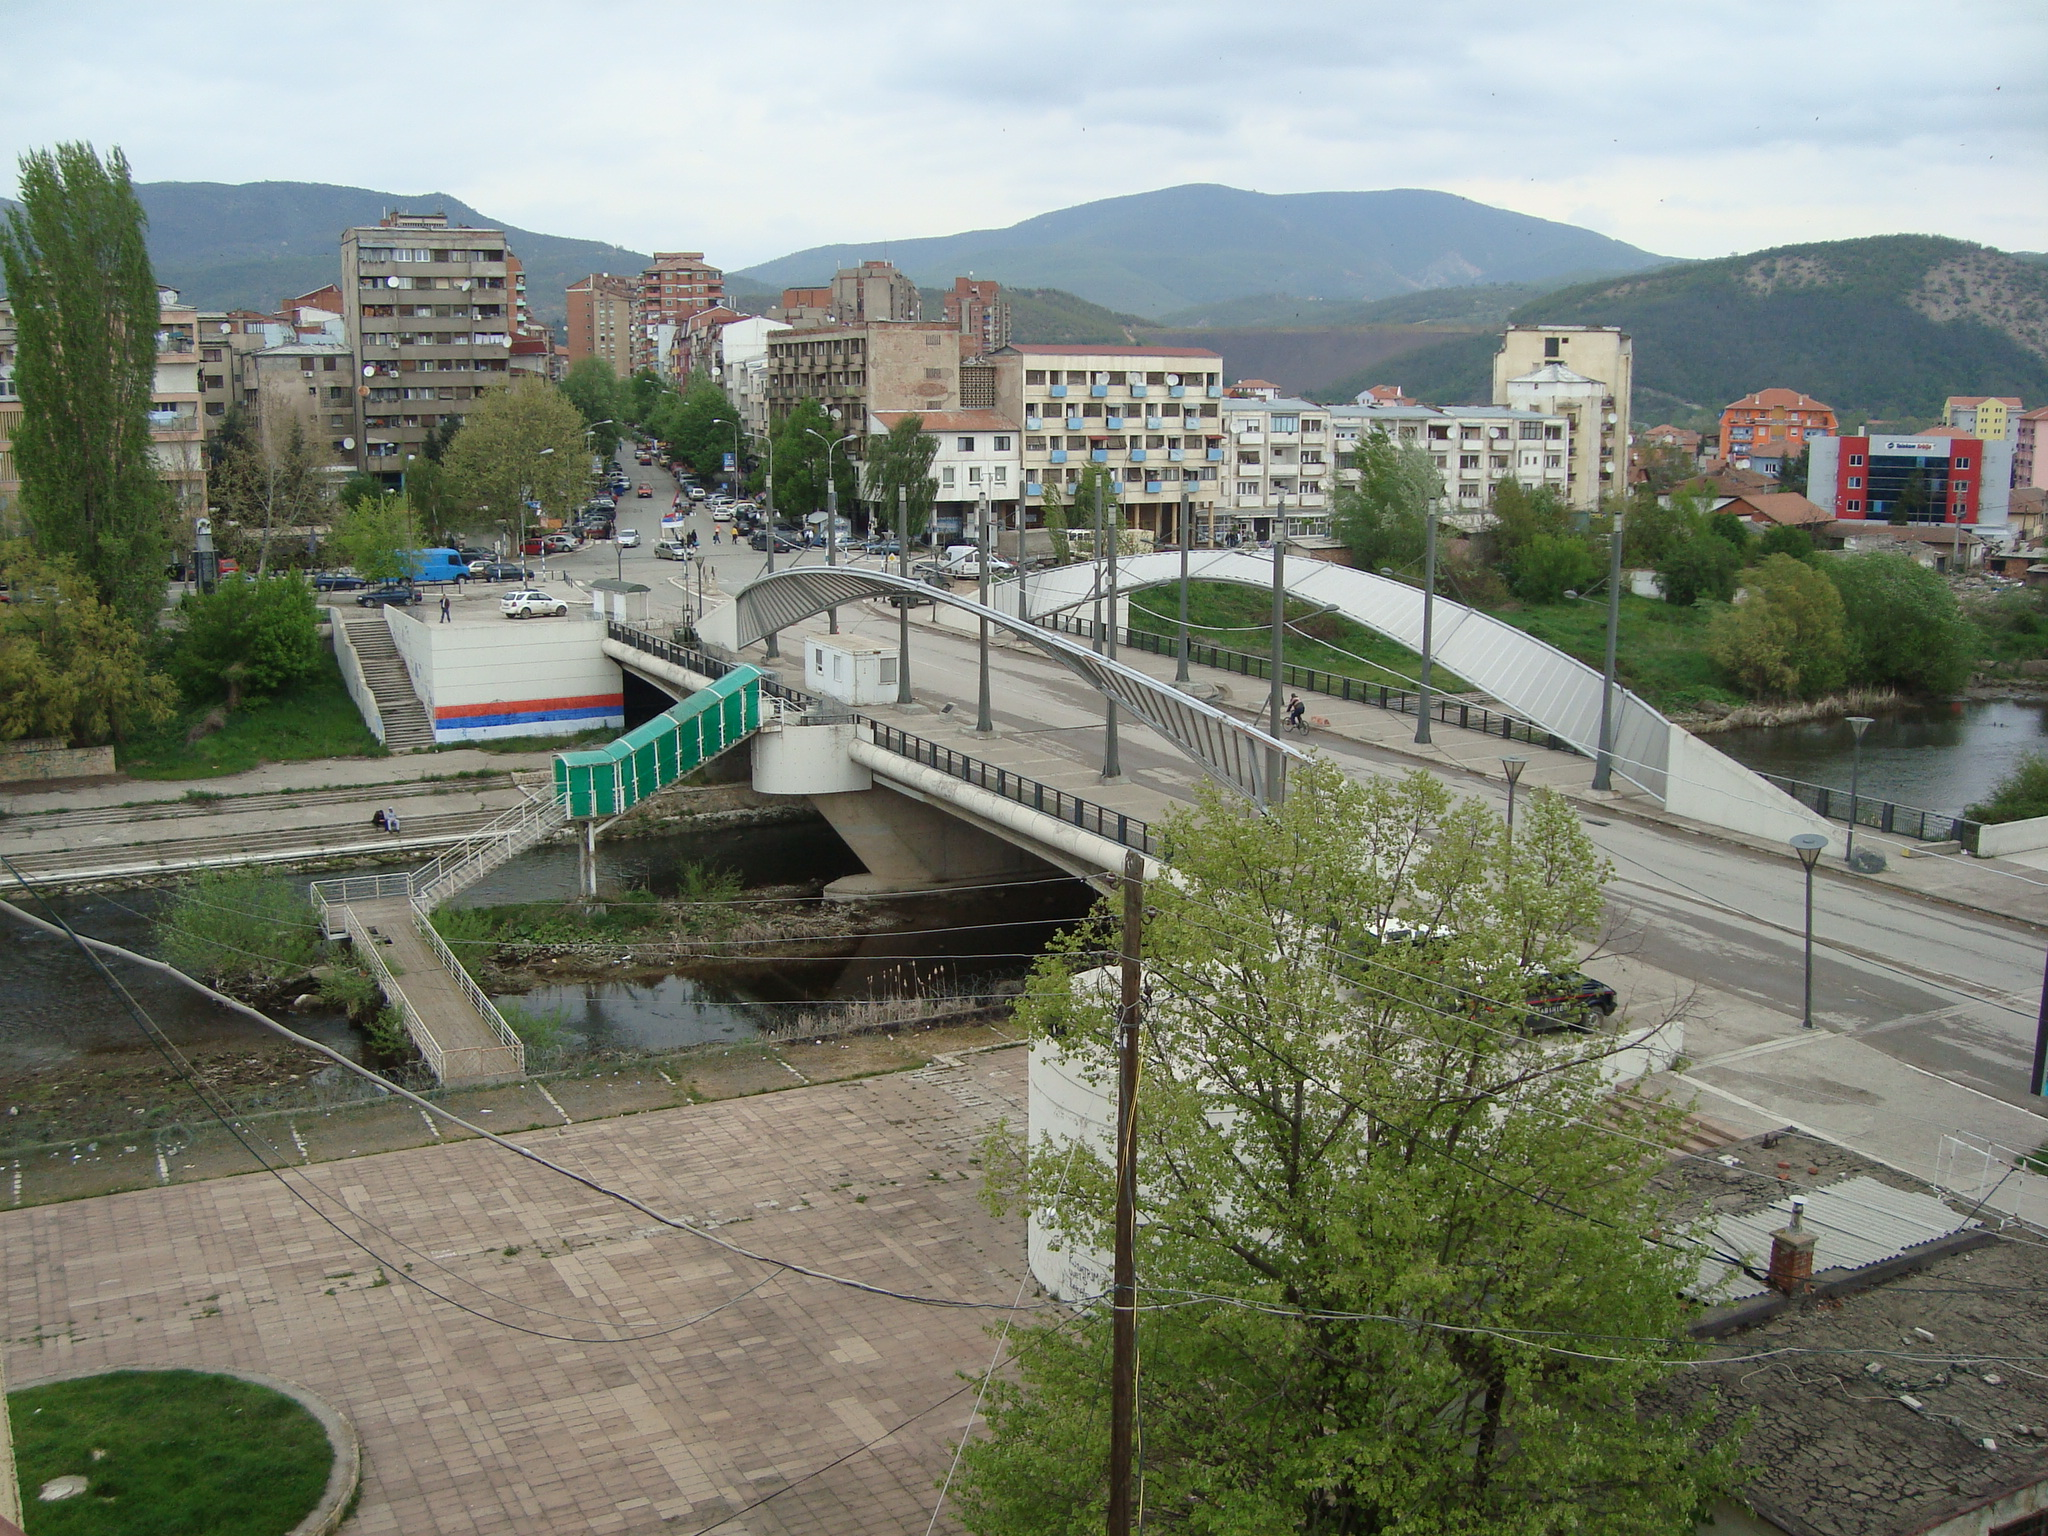 Η αντιπολίτευση του Κοσσυφοπεδίου ανησυχεί για την κατάσταση στο βορρά